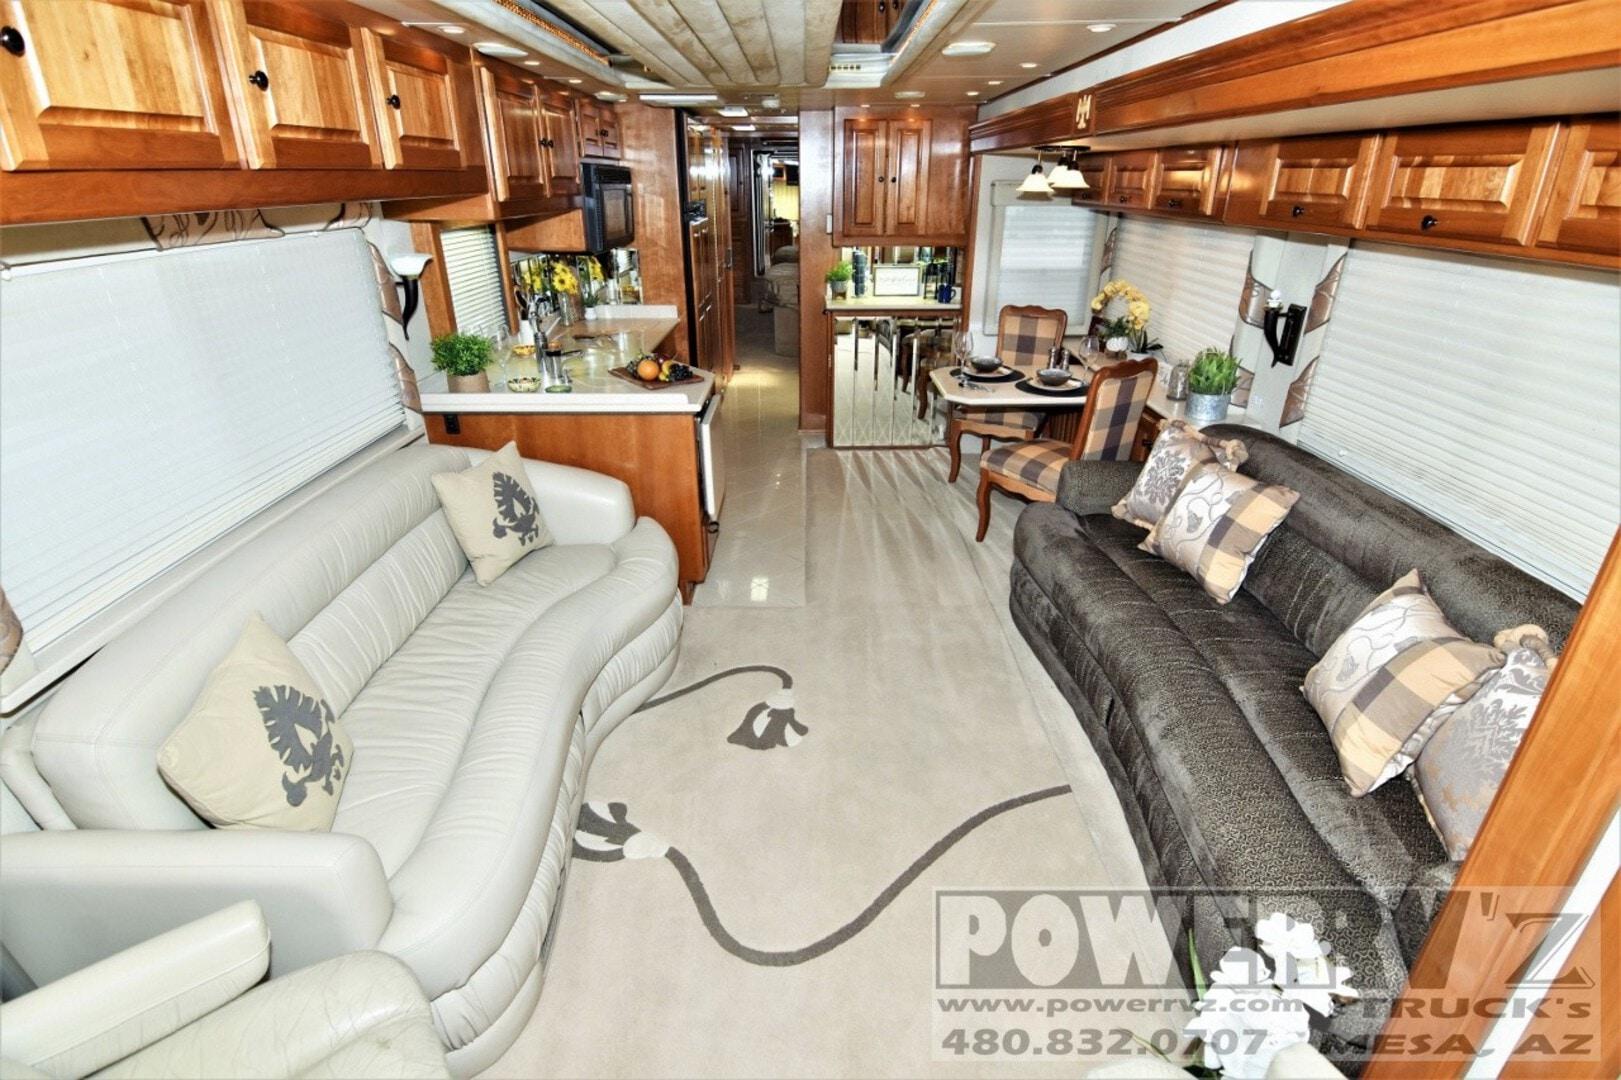 Used, 2003, Monaco®, Executive 40PBDD, RV - Class A